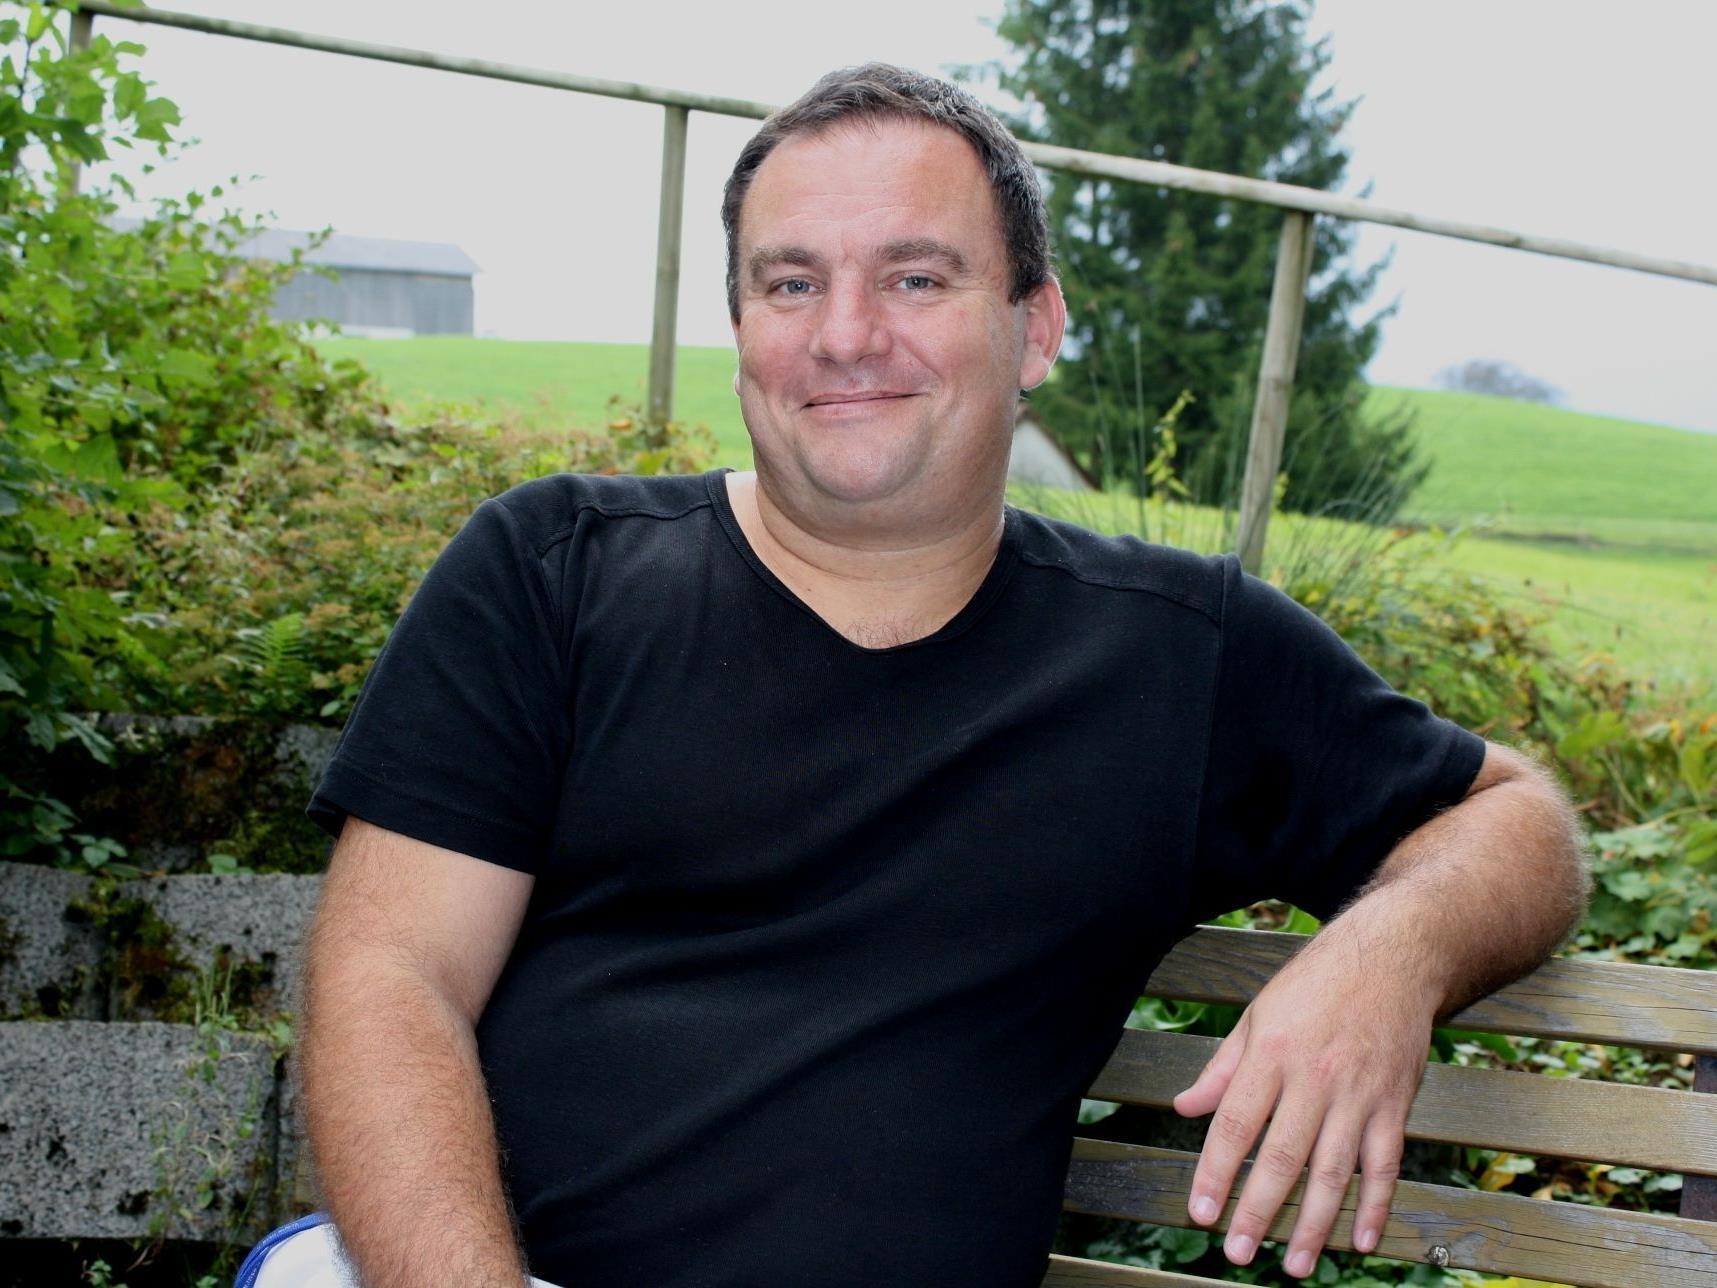 PGR-Vorsitzender Patrick Fink